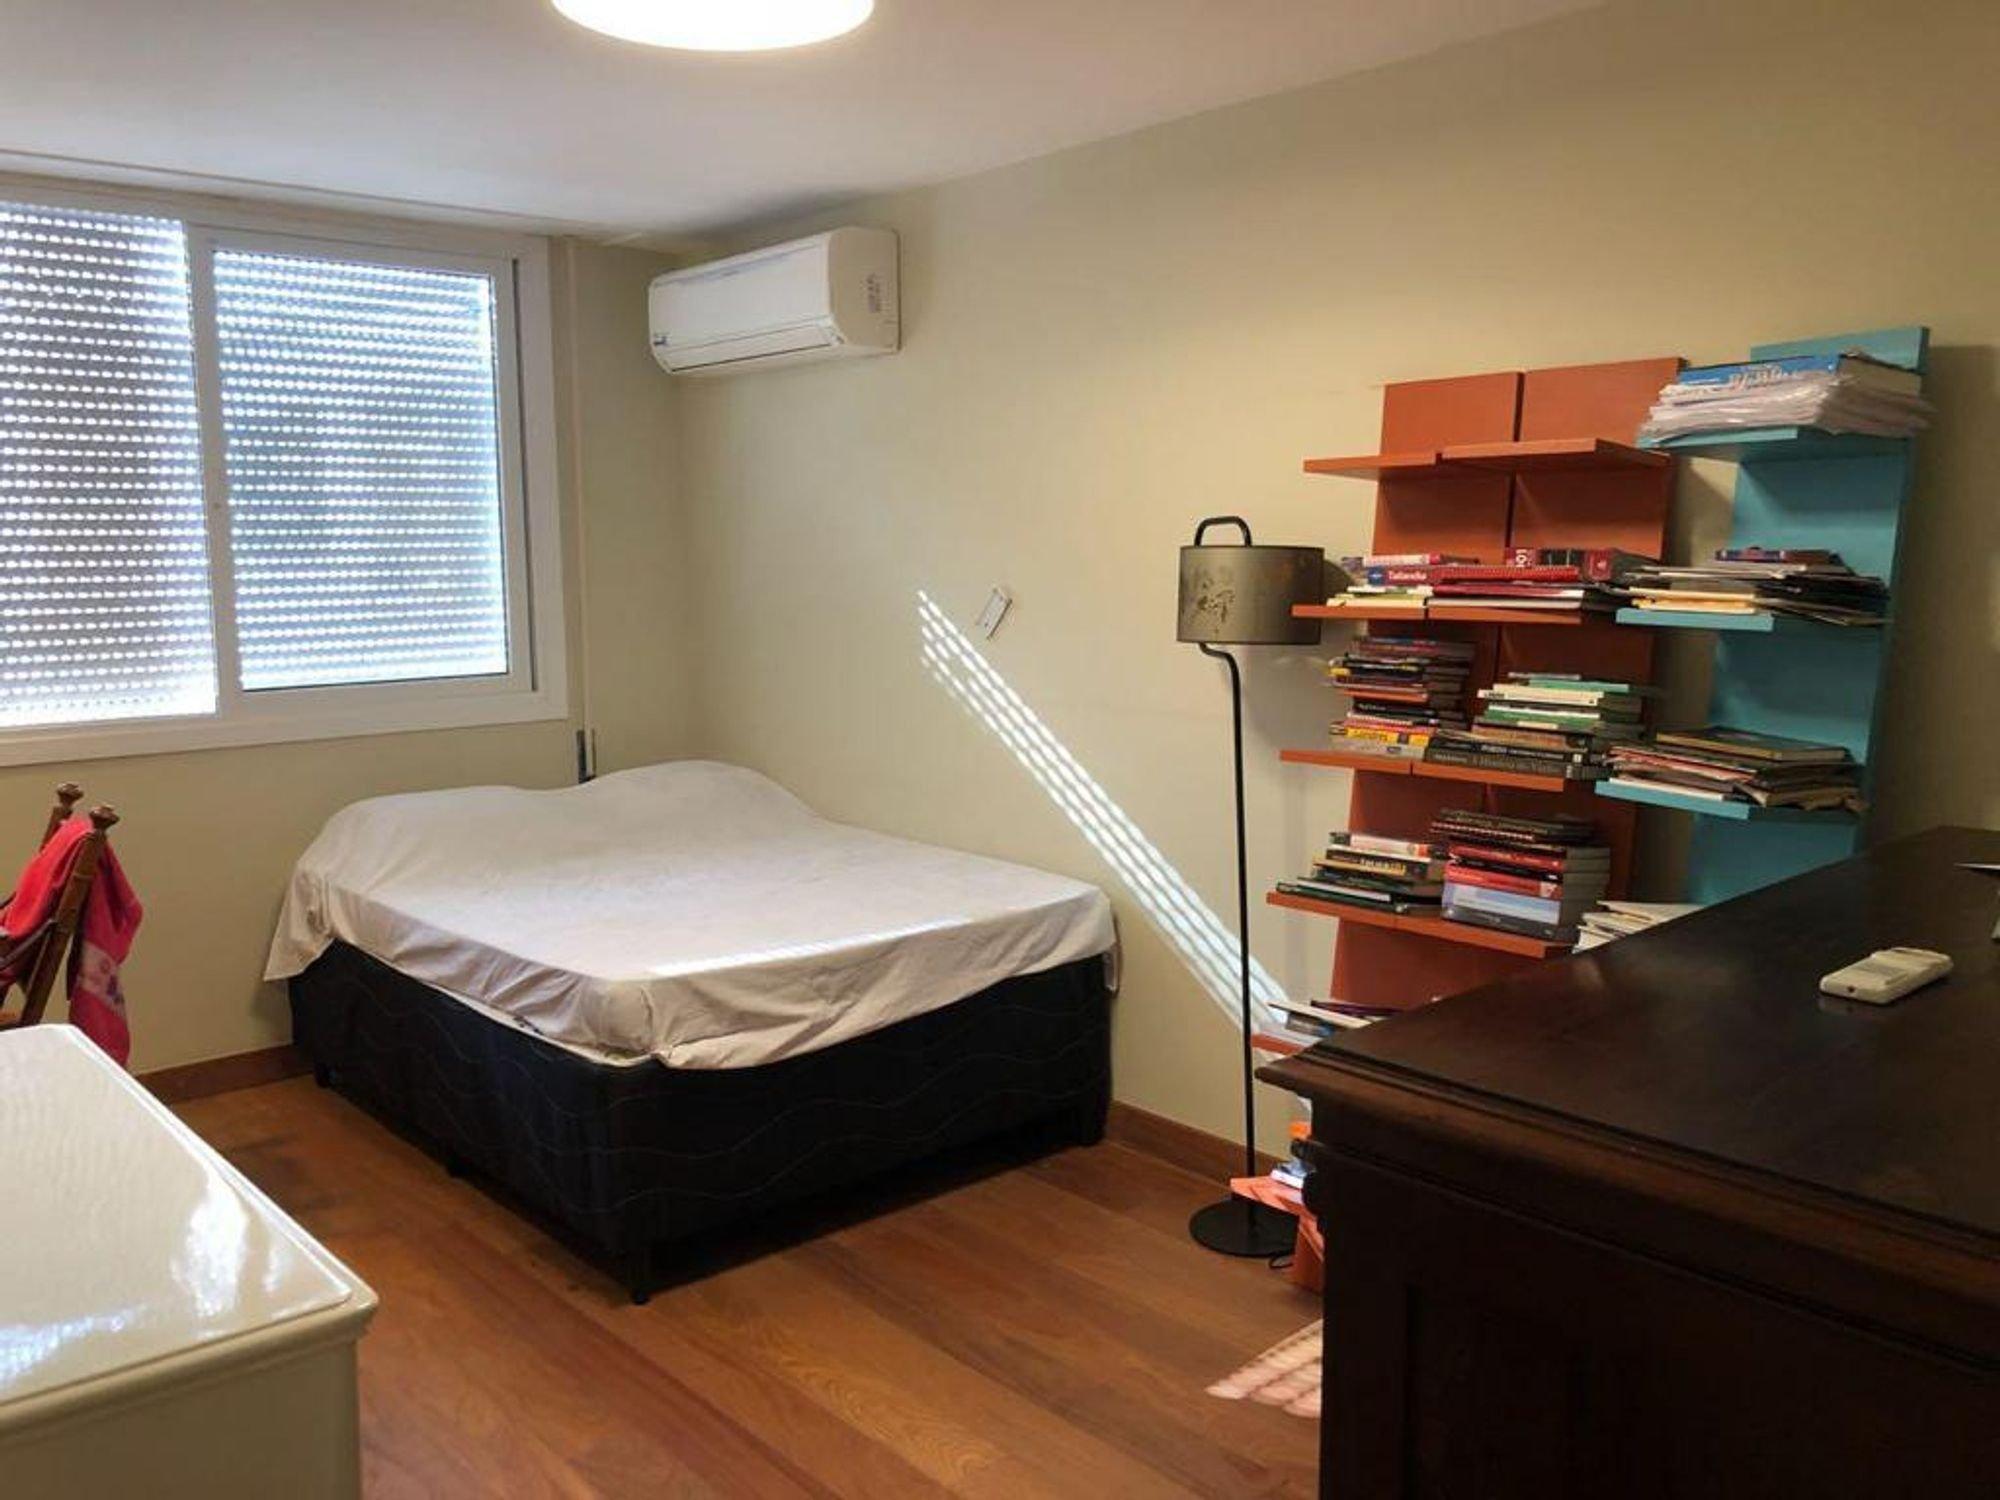 Foto de Quarto com cama, celular, livro